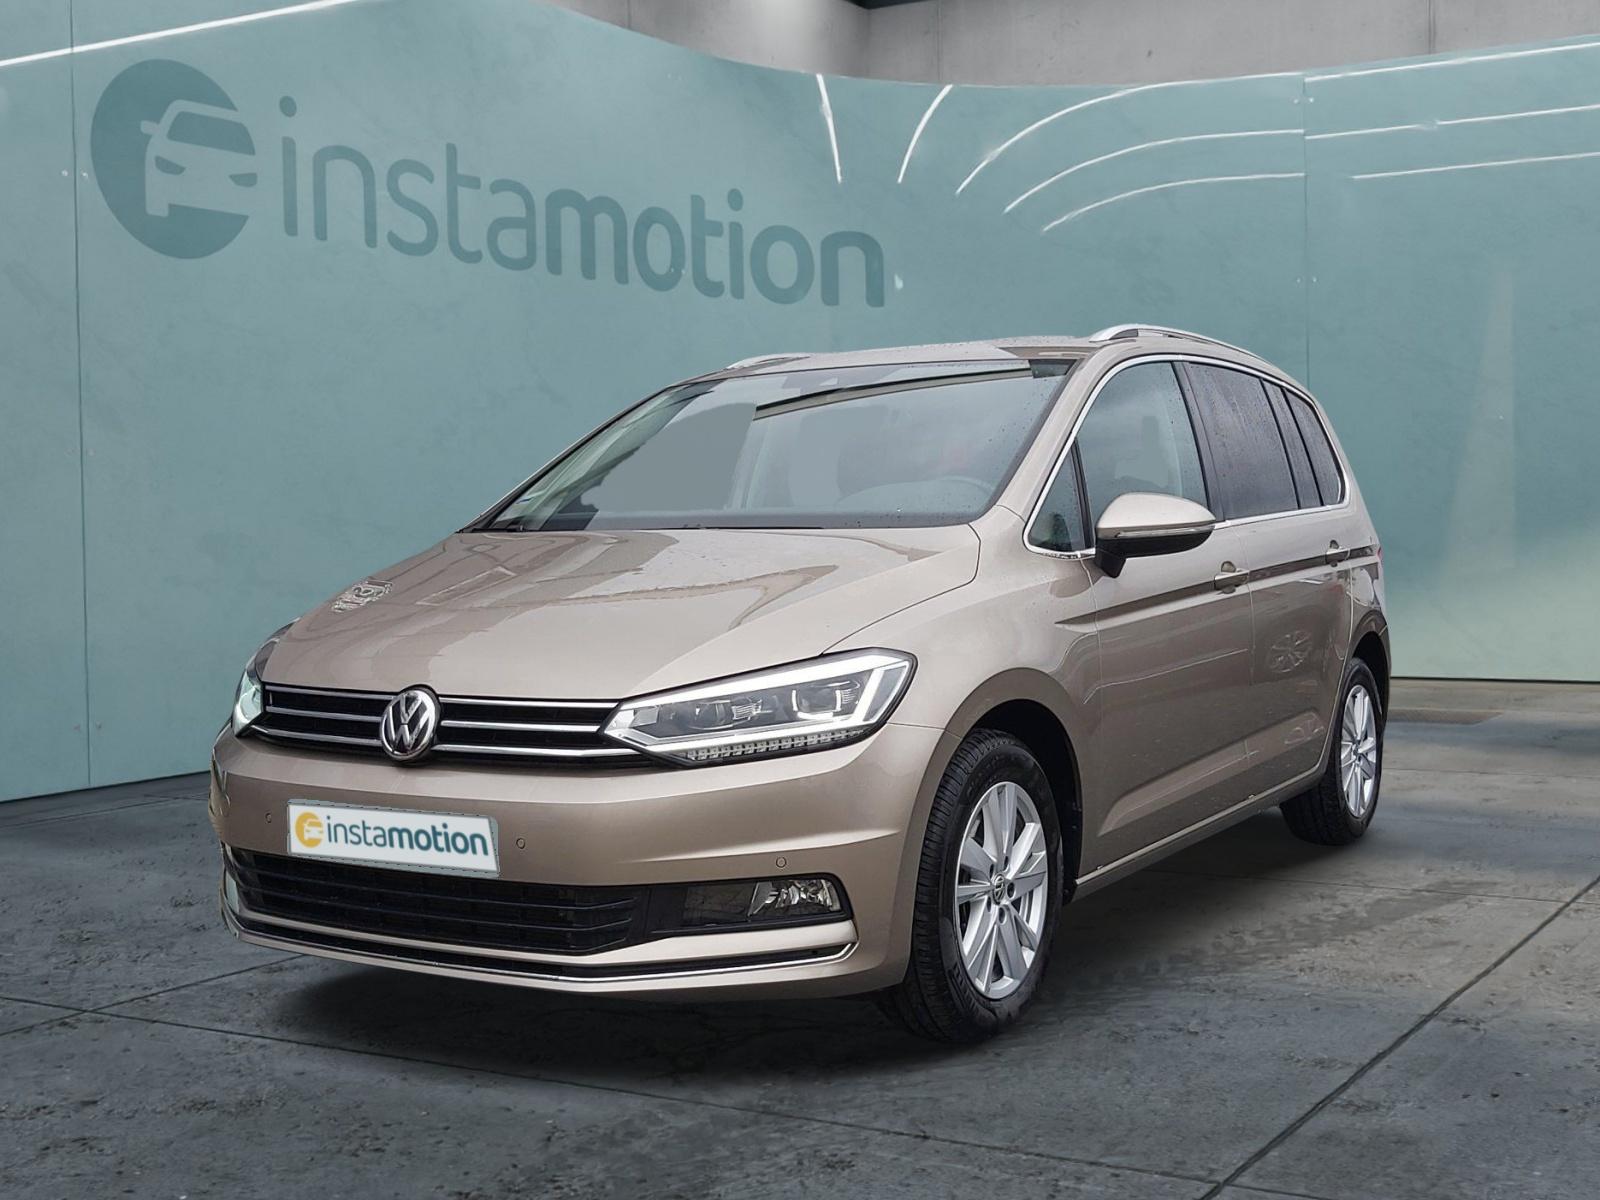 Used Volkswagen Touran 2.0